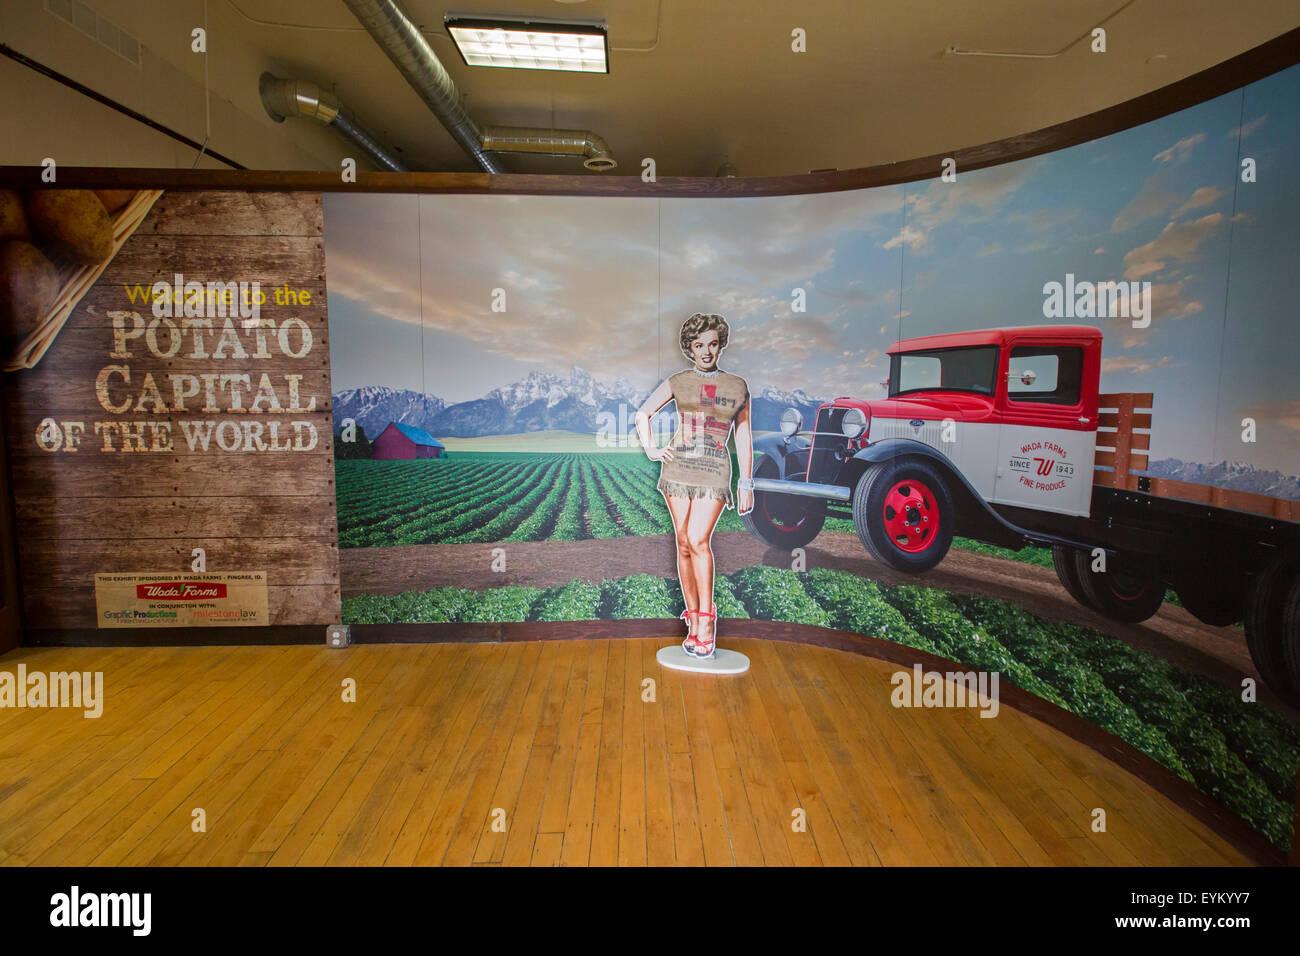 Blackfoot, Idaho - The Idaho Potato Museum. Stock Photo